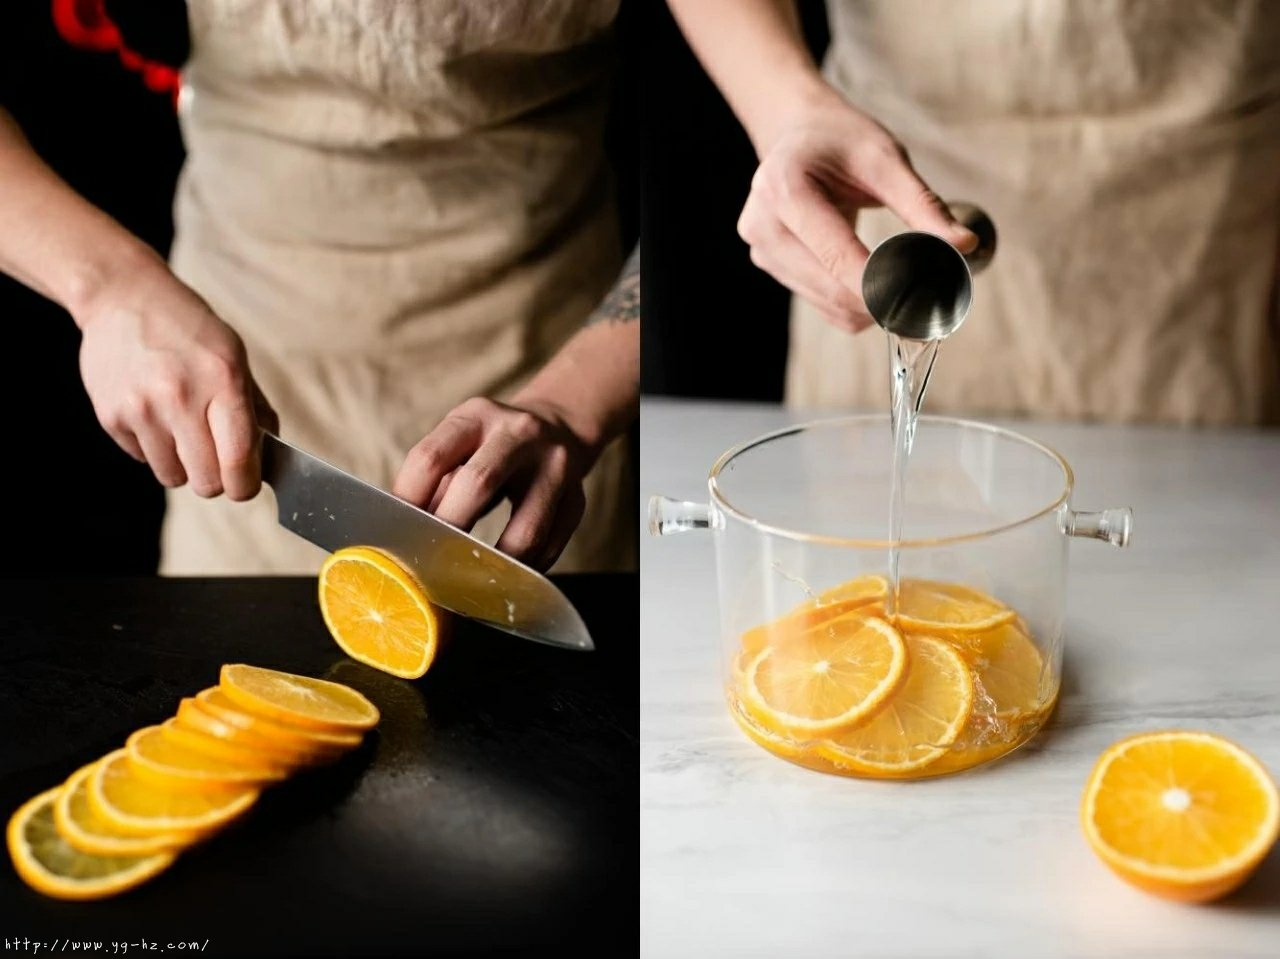 香橙软曲奇@造洋饭书的做法 步骤1